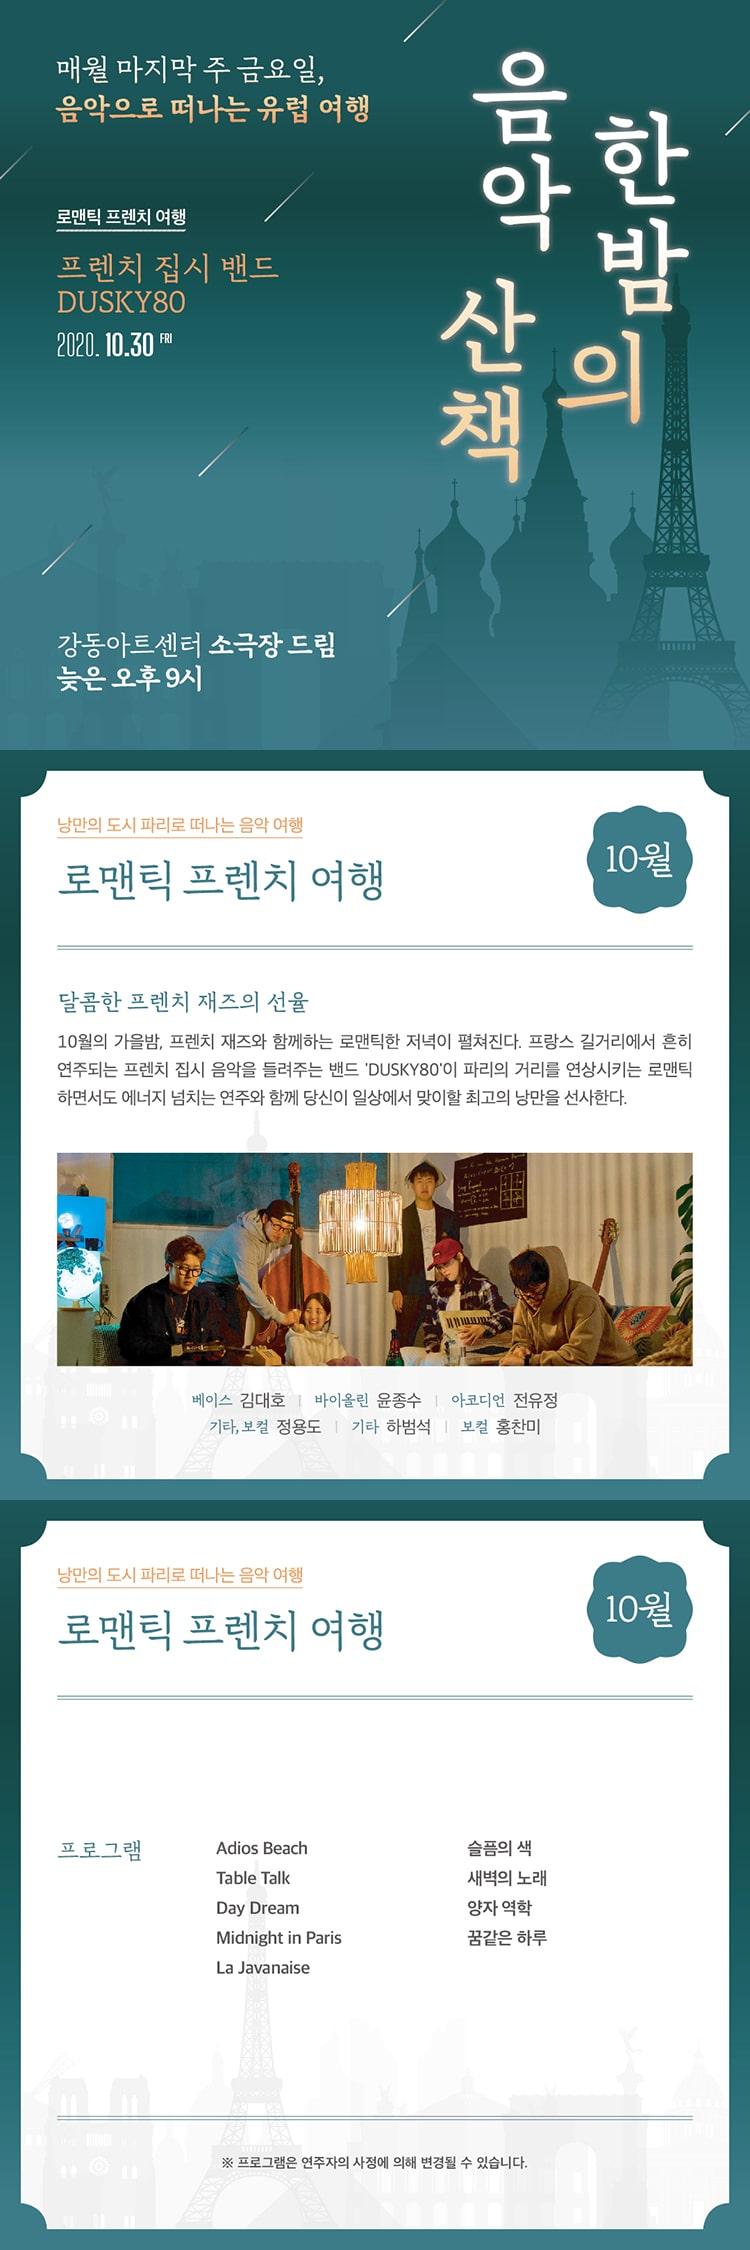 한밤의 음악 산책 프렌치 집시 밴드 DUSKY80 2020년 10월 30일(금)